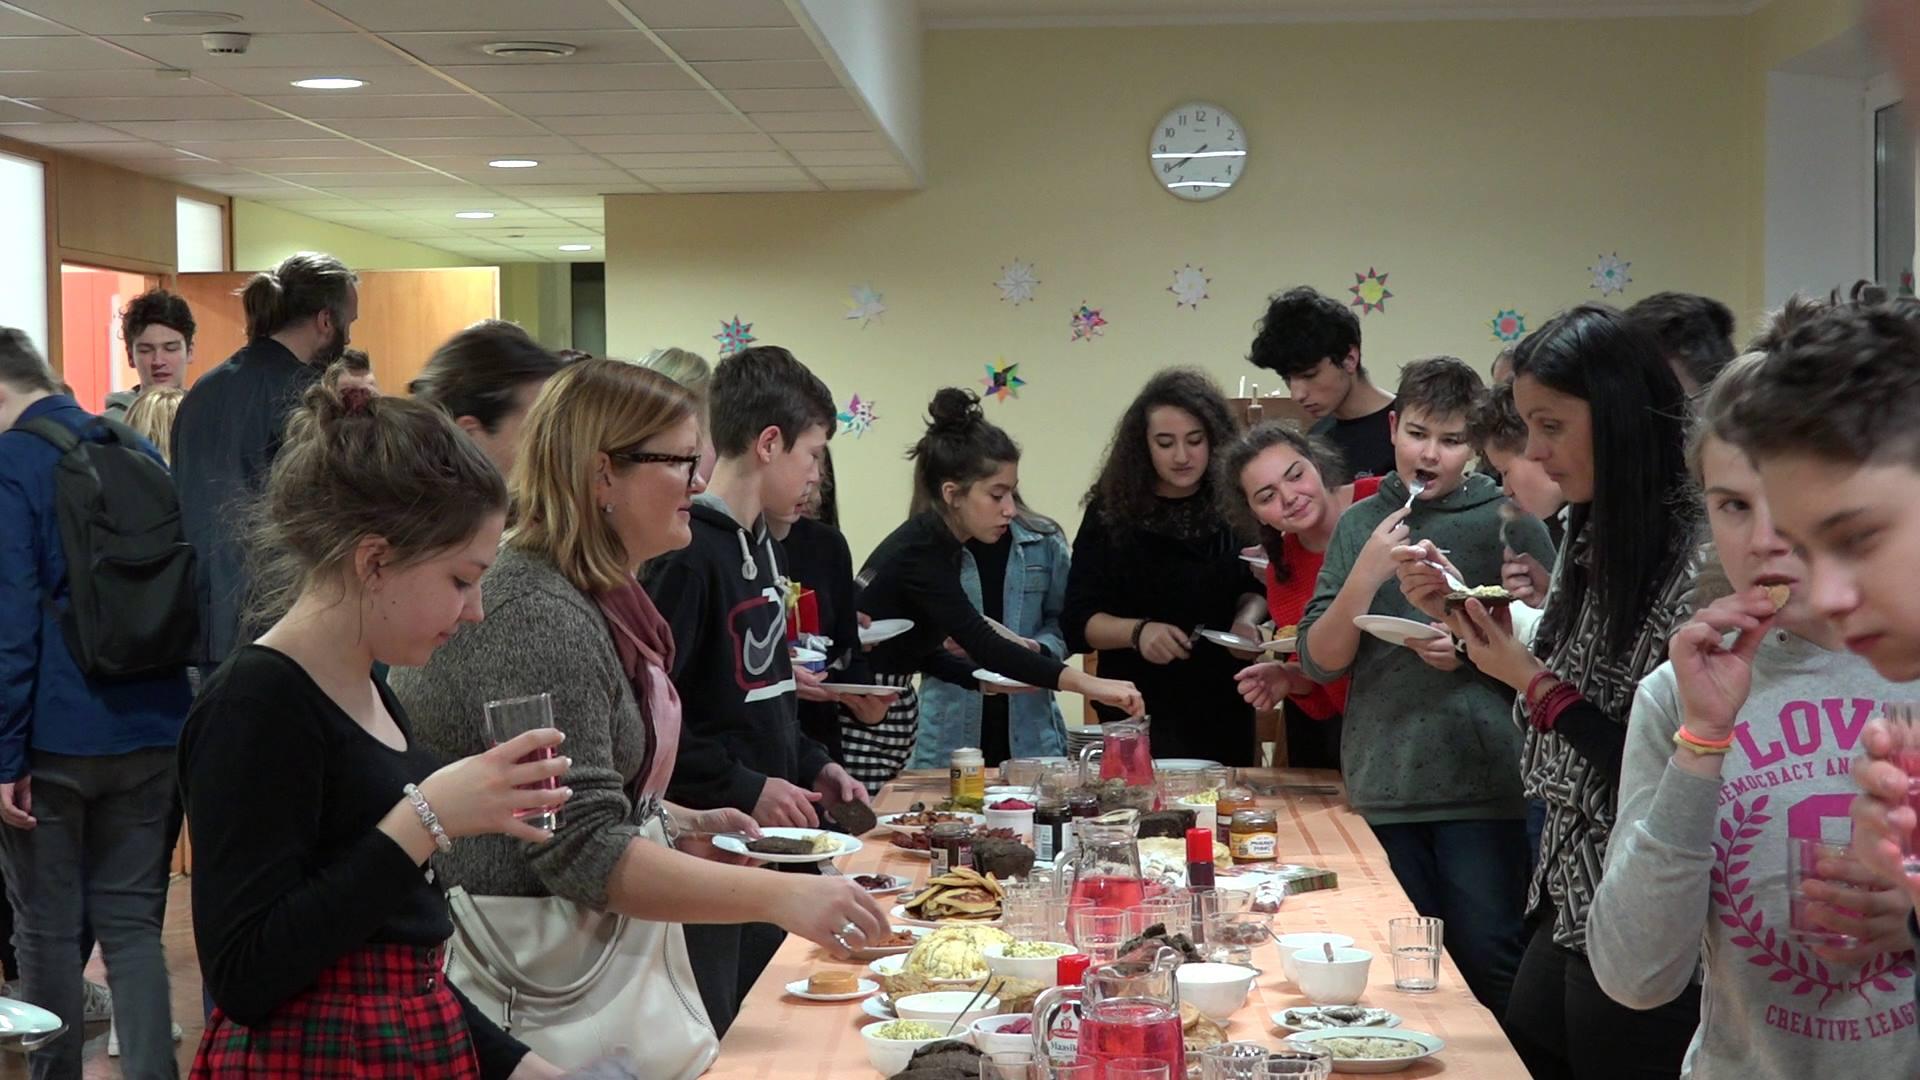 Sedmero brodskih učenika sedmih i osmih razreda u Estoniji, predstavljali nacionalnu kuhinju kroz kemiju, i to se može